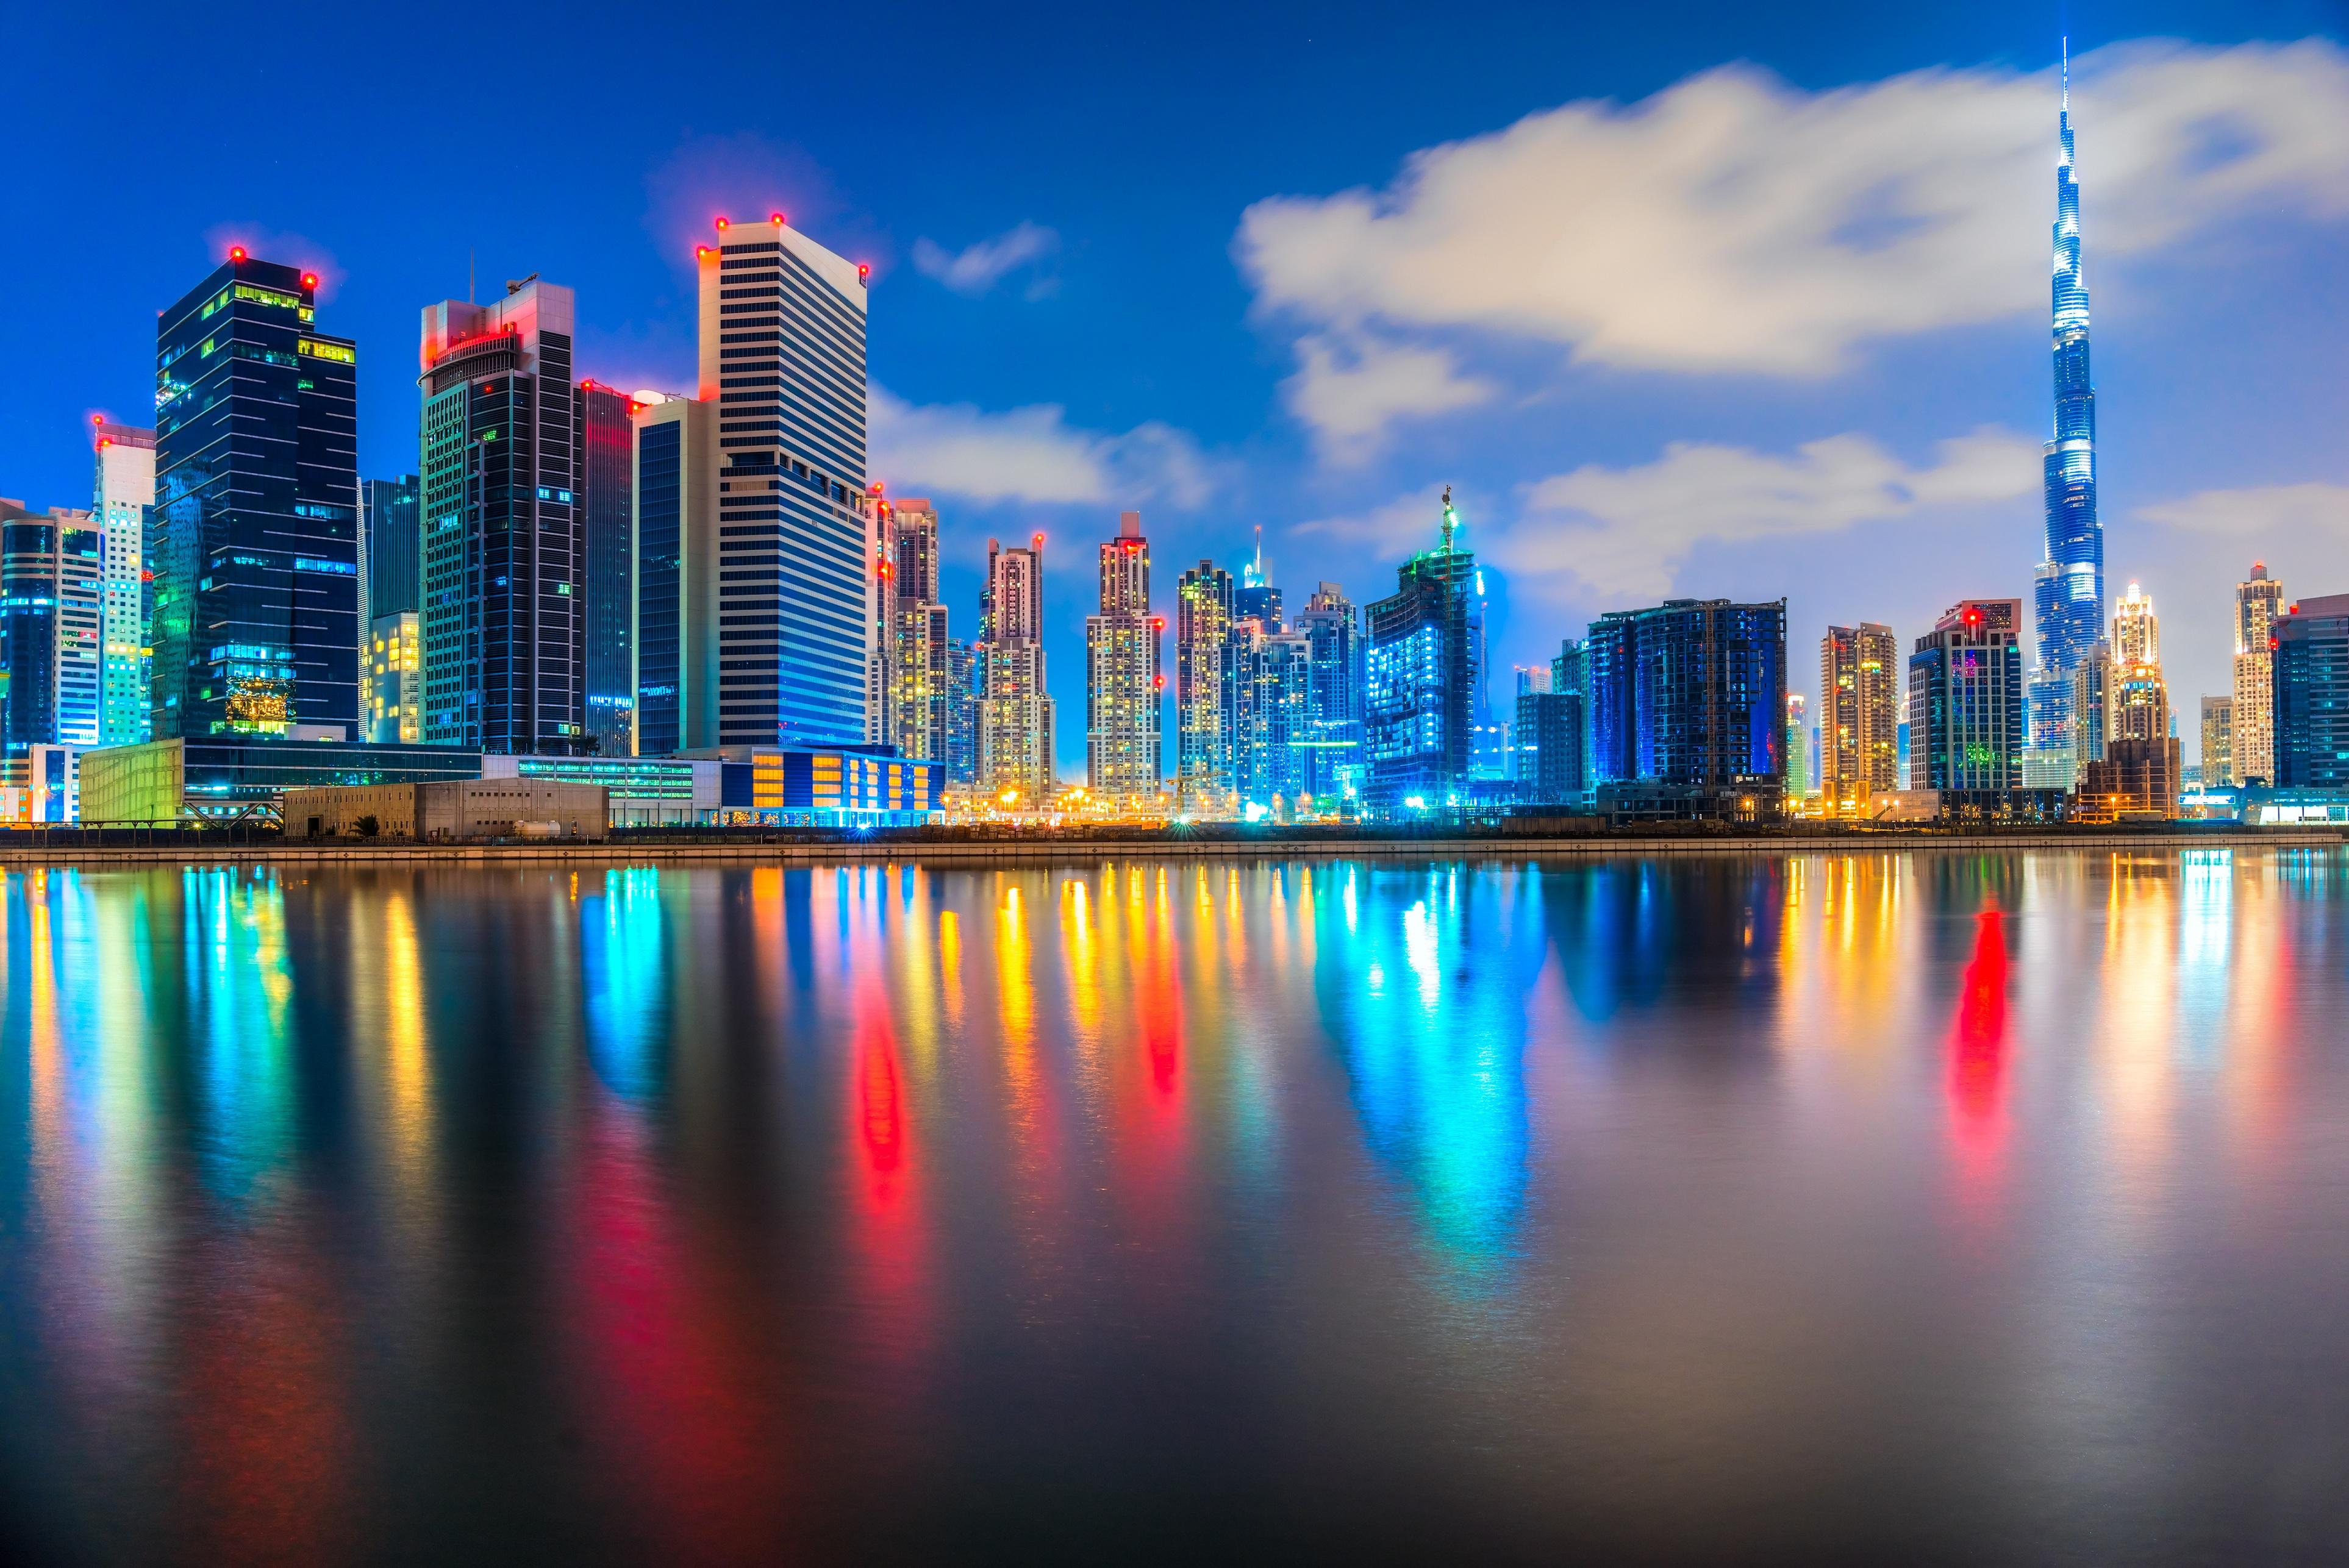 beautiful buildings at night